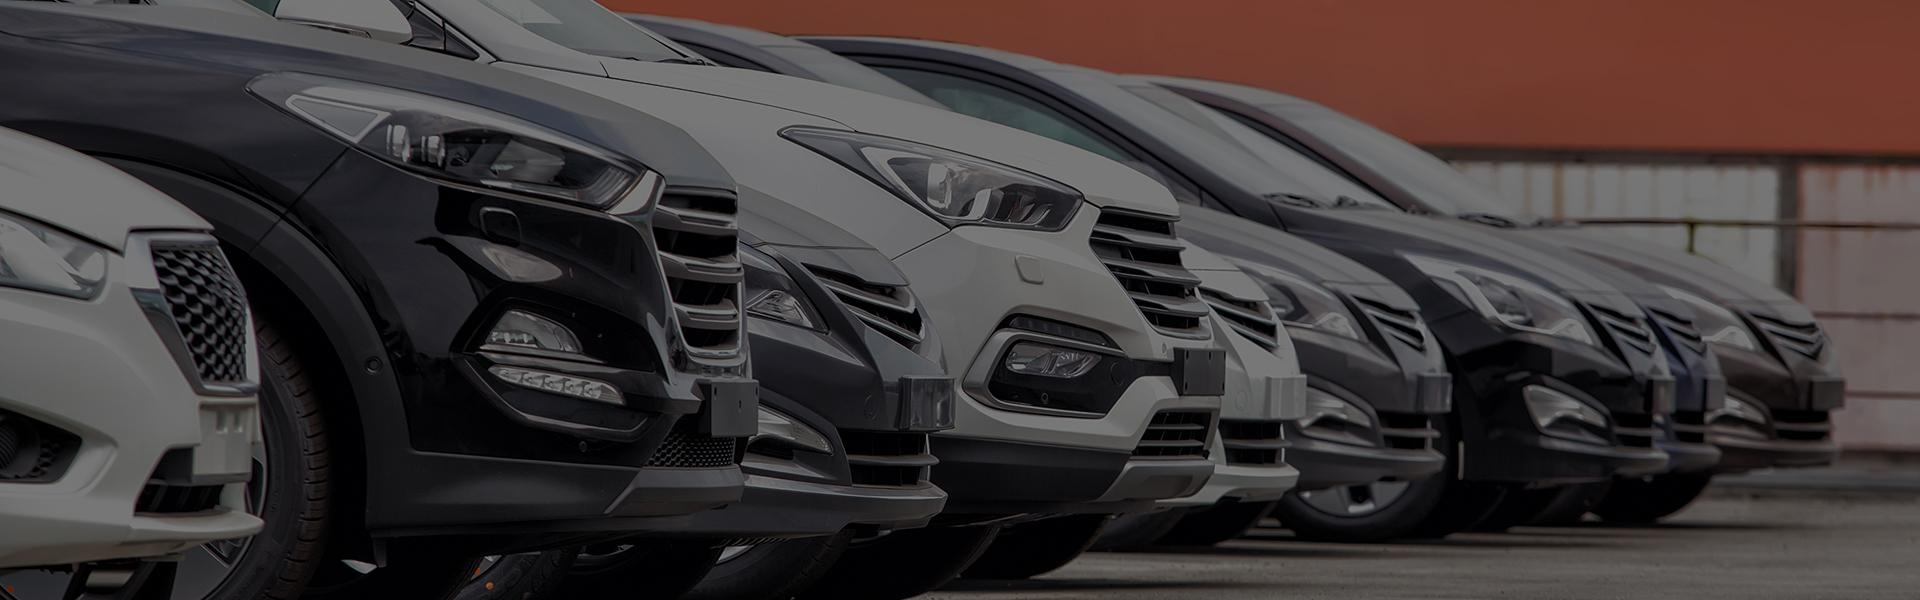 Срочный выкуп авто в Краснодаре: покупка машин по рыночной цене